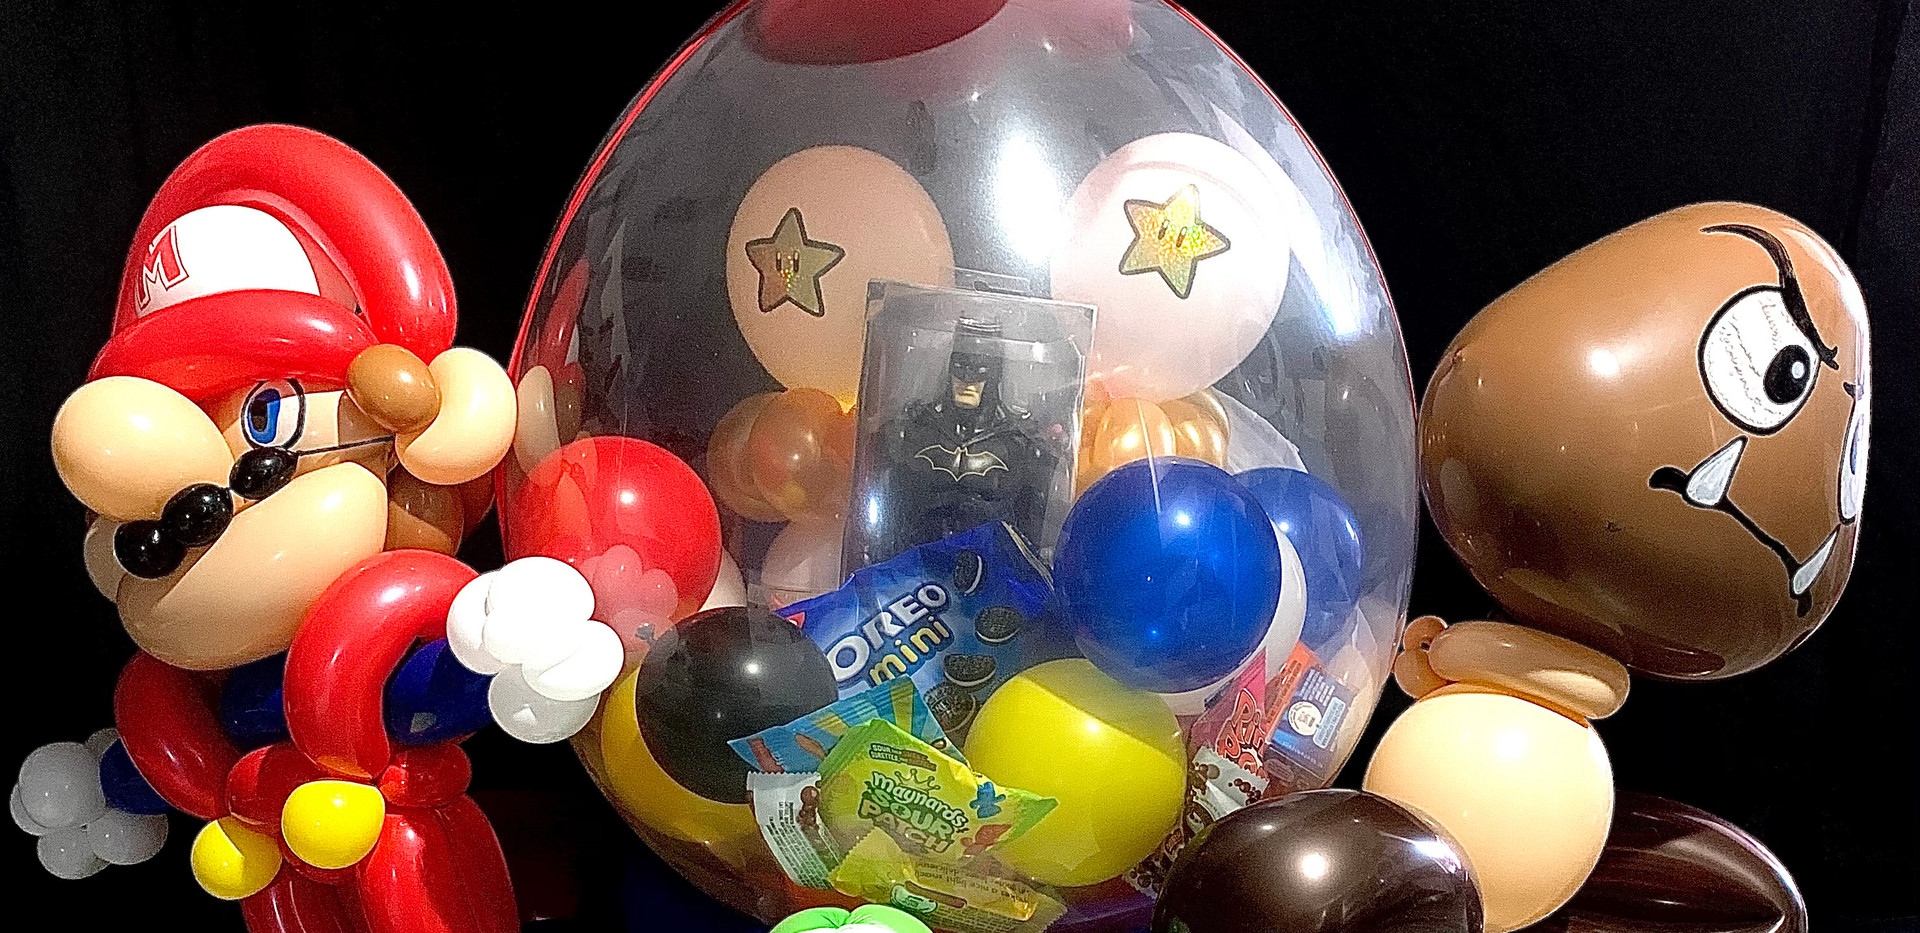 Mario balloon stuffie